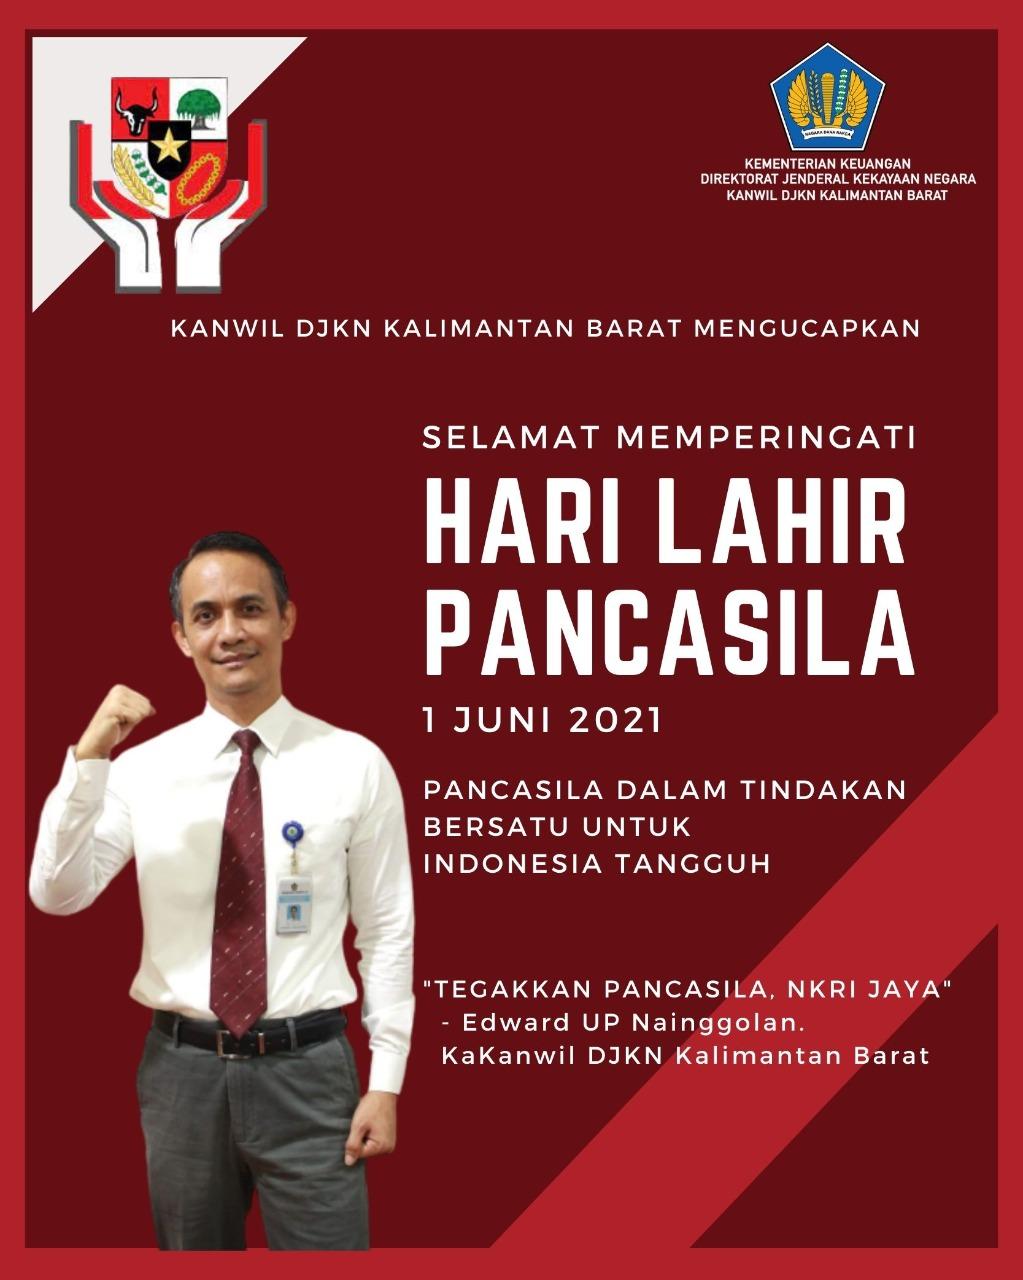 Tegakkan Pancasila, NKRI Jaya